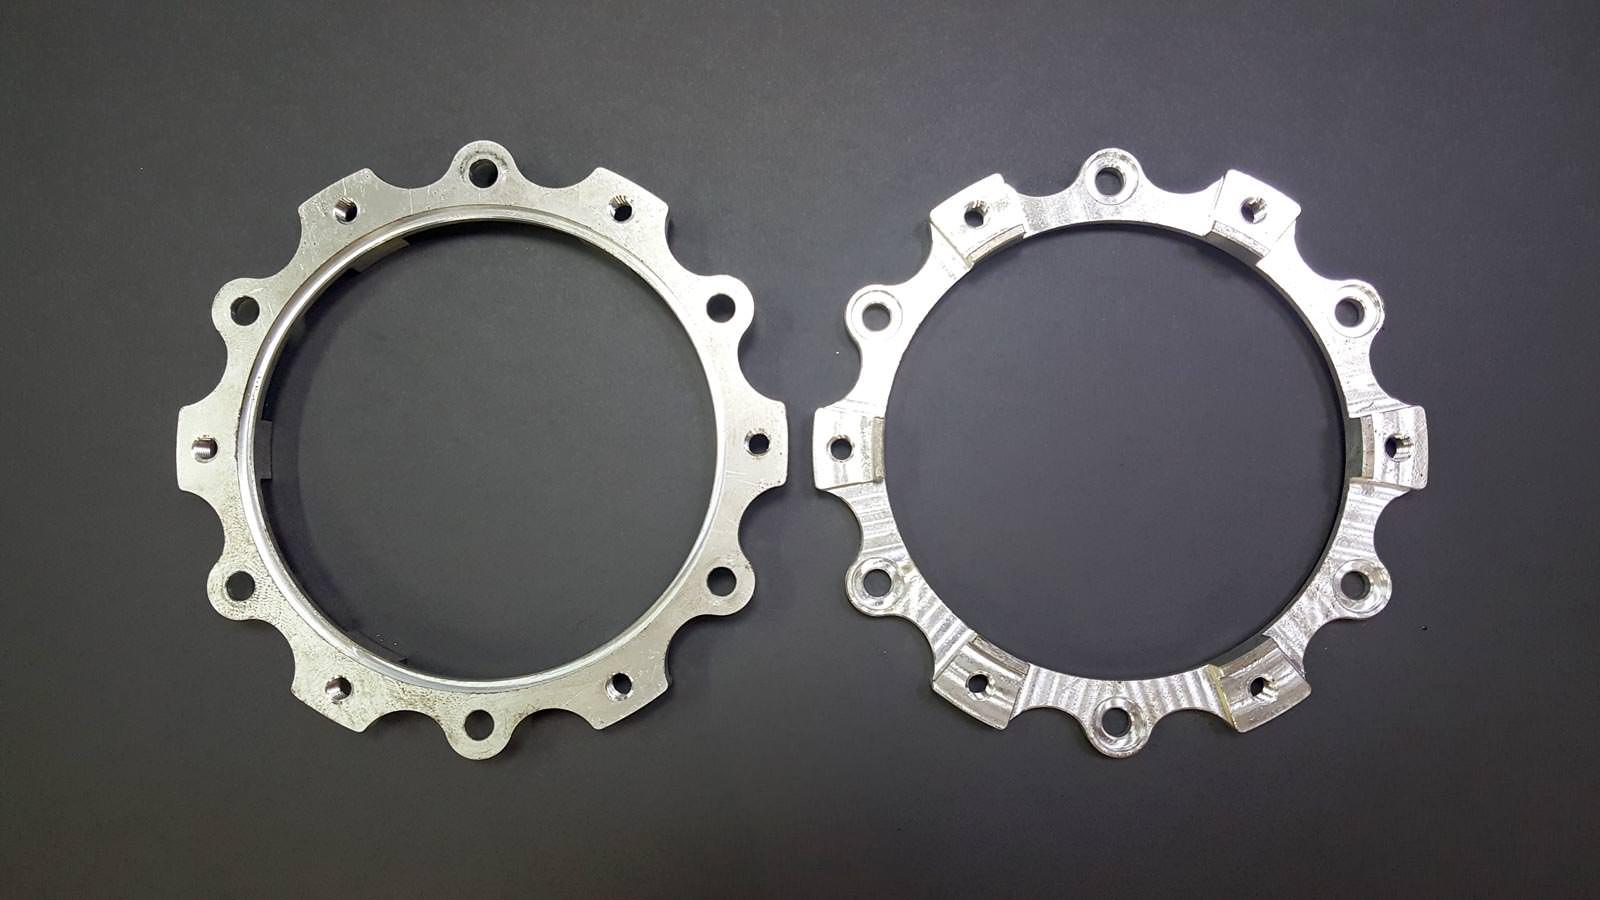 Φρένα Μοτοσυκλέτας ειδική κατασκευή tgs parts